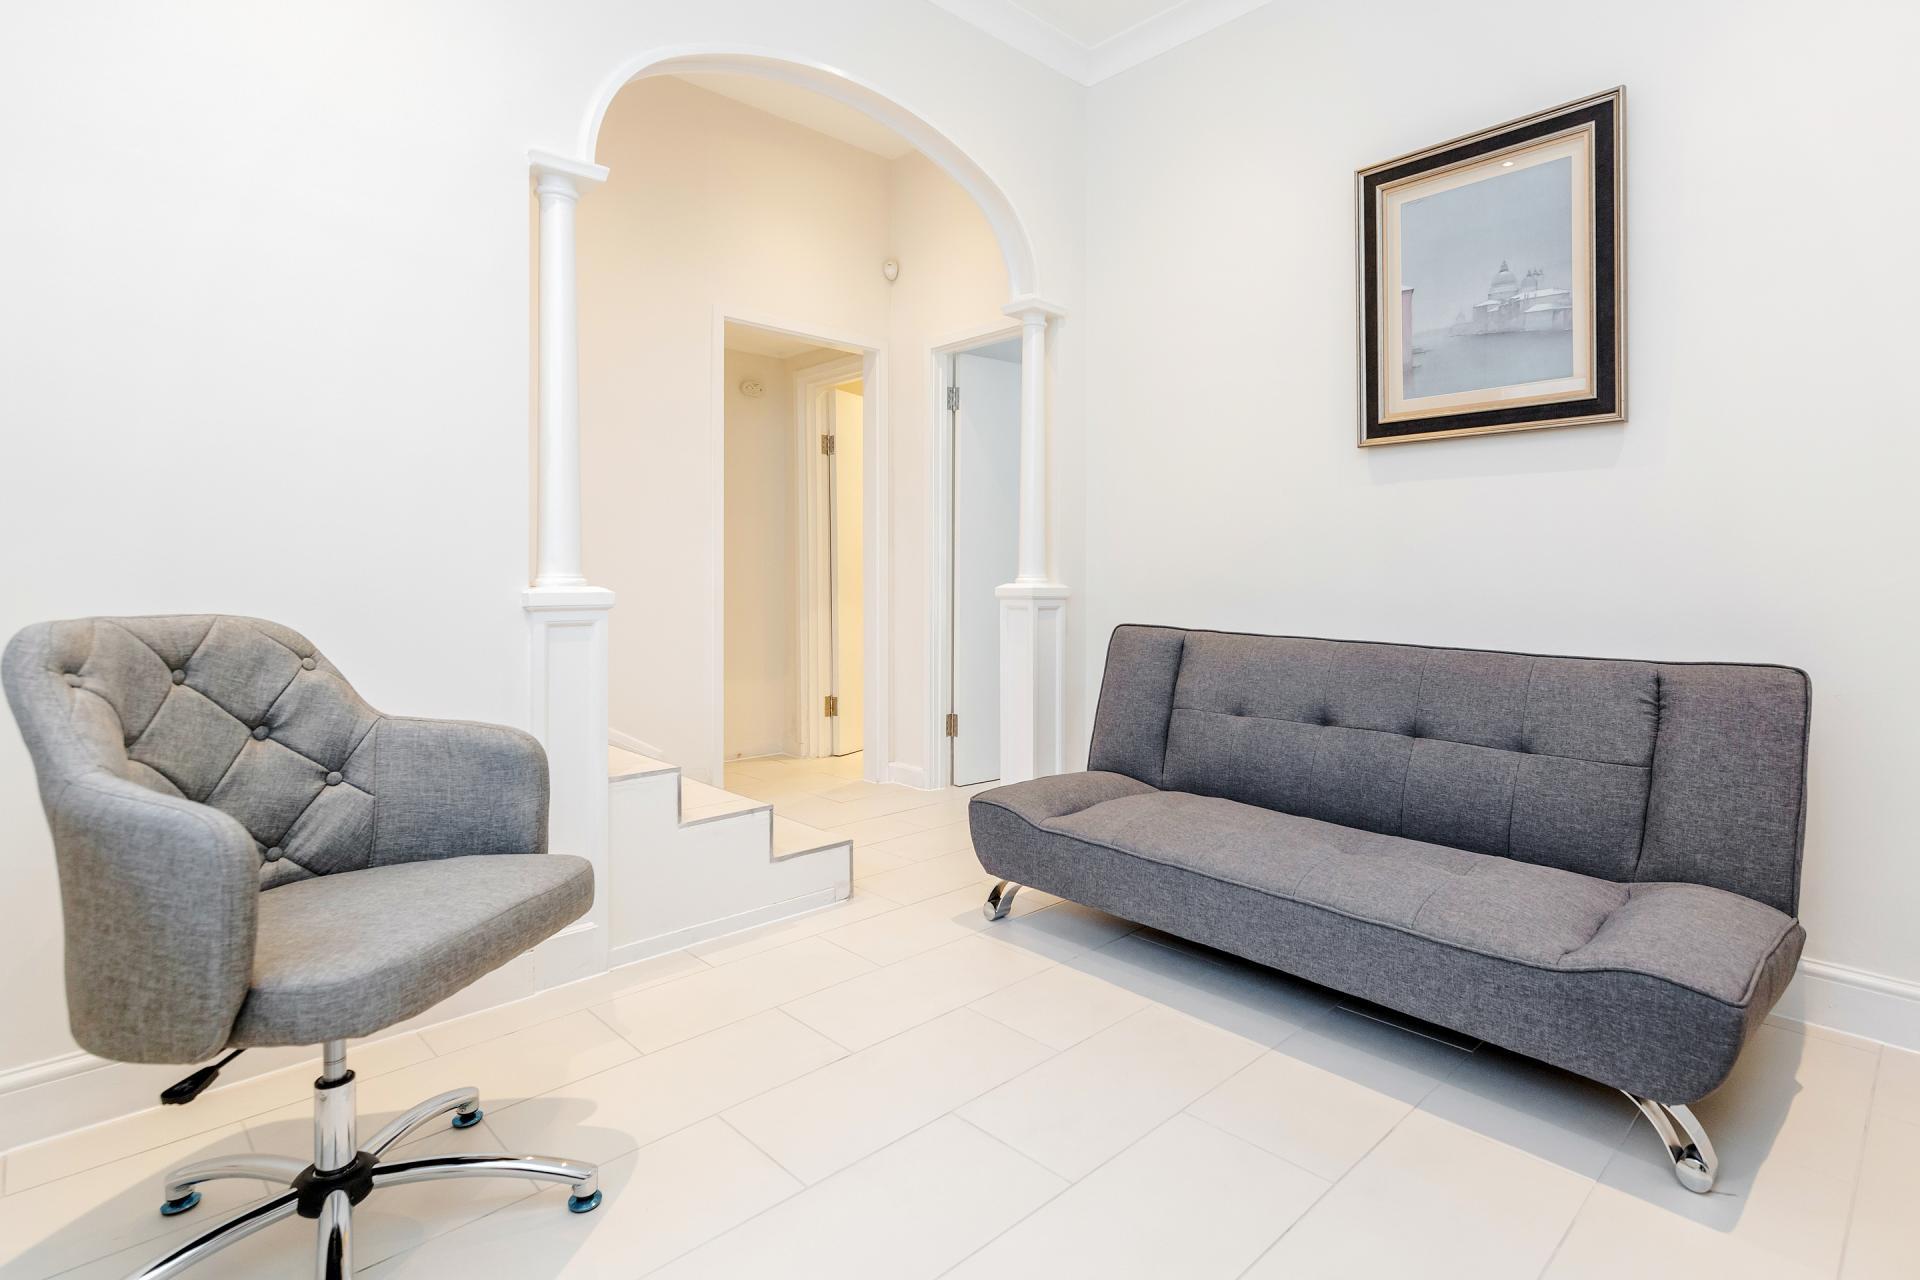 Chair at Mayfair House, Mayfair, London